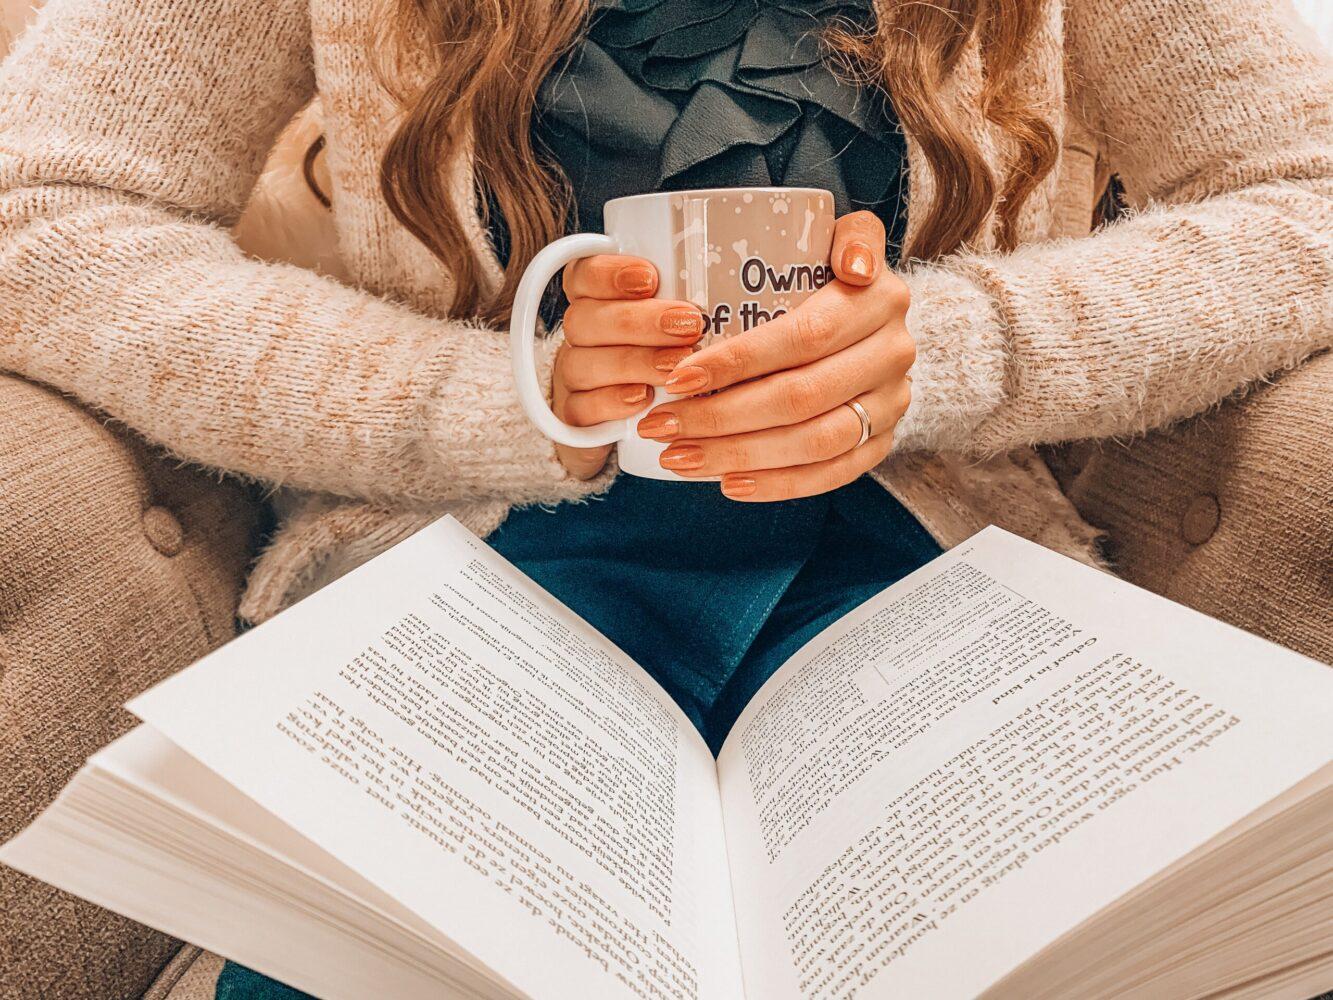 Het Gezinsleven - Lifestyle - Hobby's - Boek recensie: Problemen laten bij wie ze horen - Vrouw leest een boek terwijl ze geniet van haar kopje thee